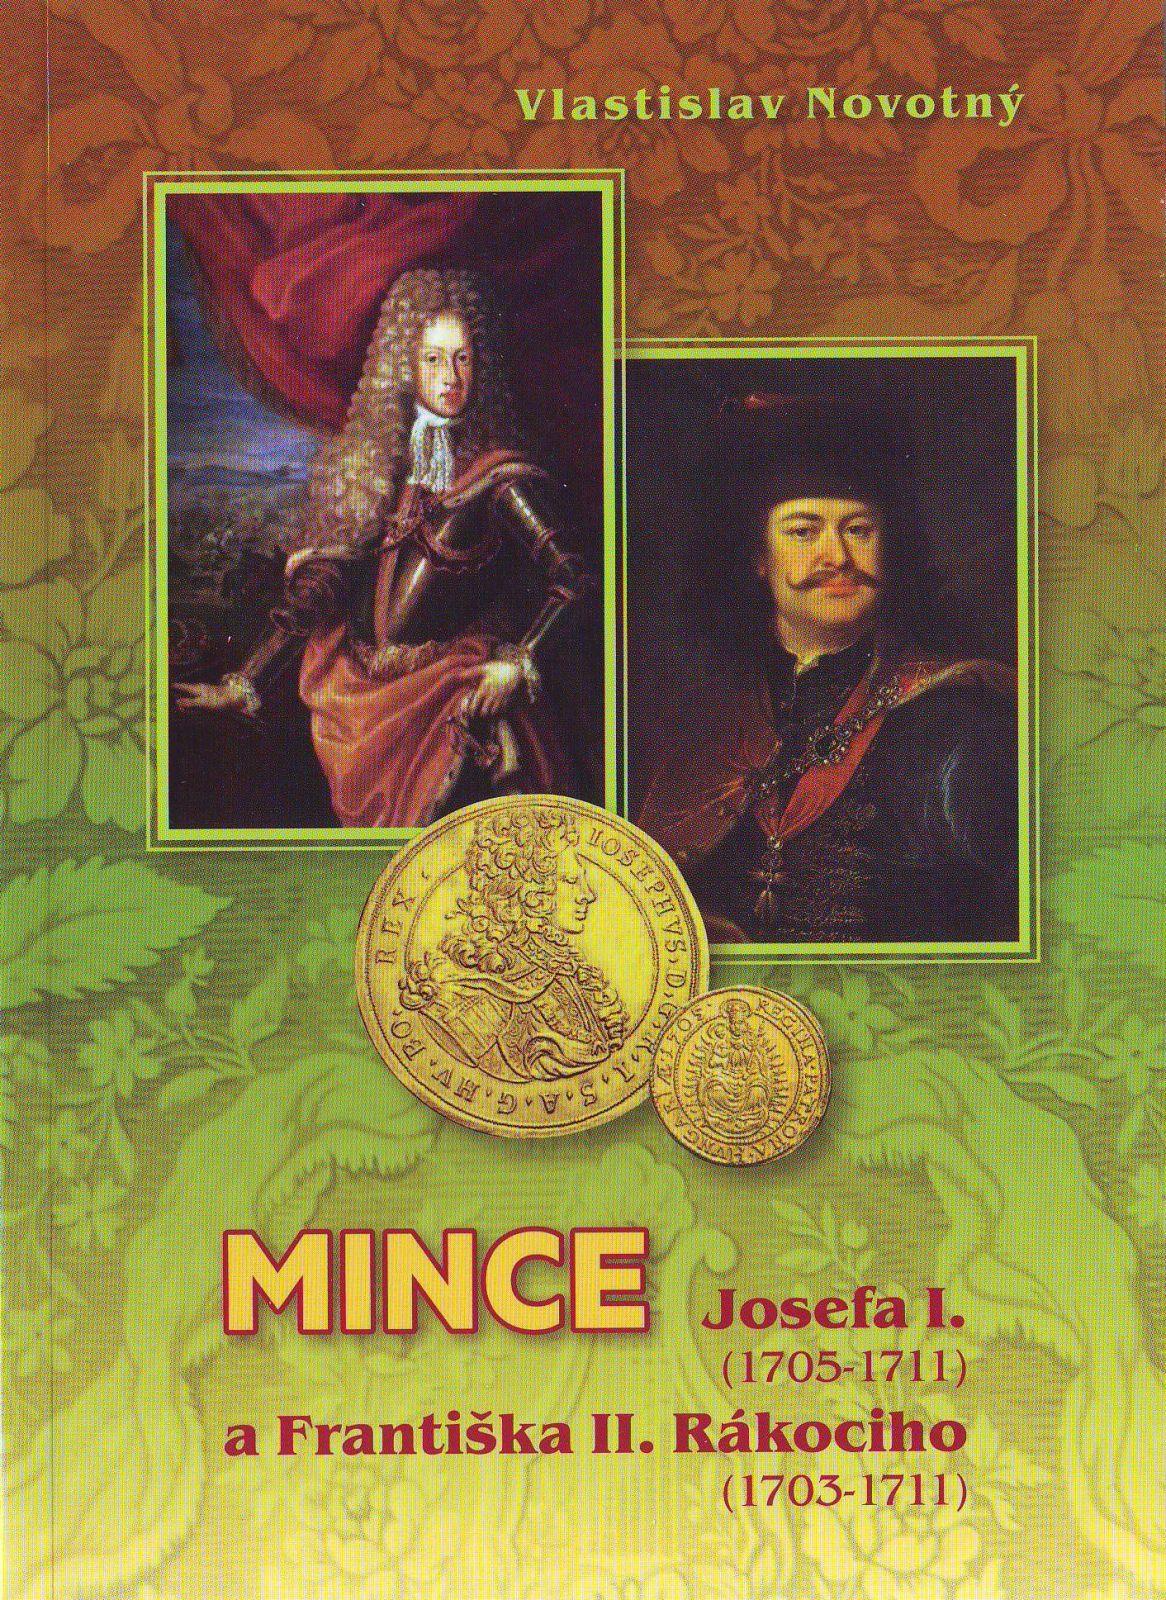 Katalog a ceník mincí Josefa I. a Františka II. Rákociho/1705-1711 a 1703-1711/, V. Novotný